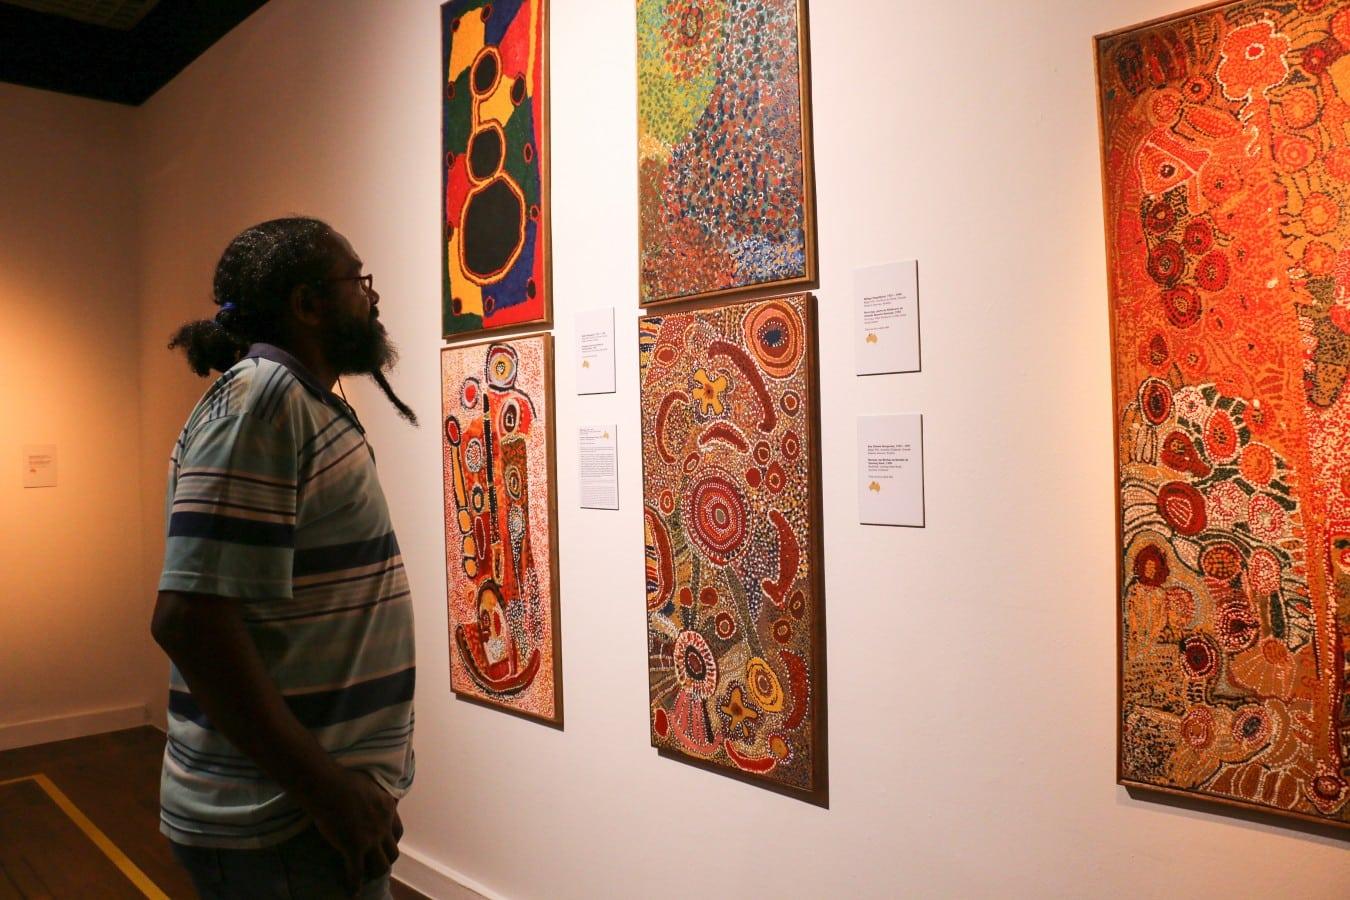 Visitante observa as obras dos artistas aborígenes de Balgo Hills. Essas obras são intituladas como a arte do Isolamento. Fotografia  Emmanuelle Bernard.  - O Tempo dos Sonhos: Arte Aborígene na Caixa Cultural